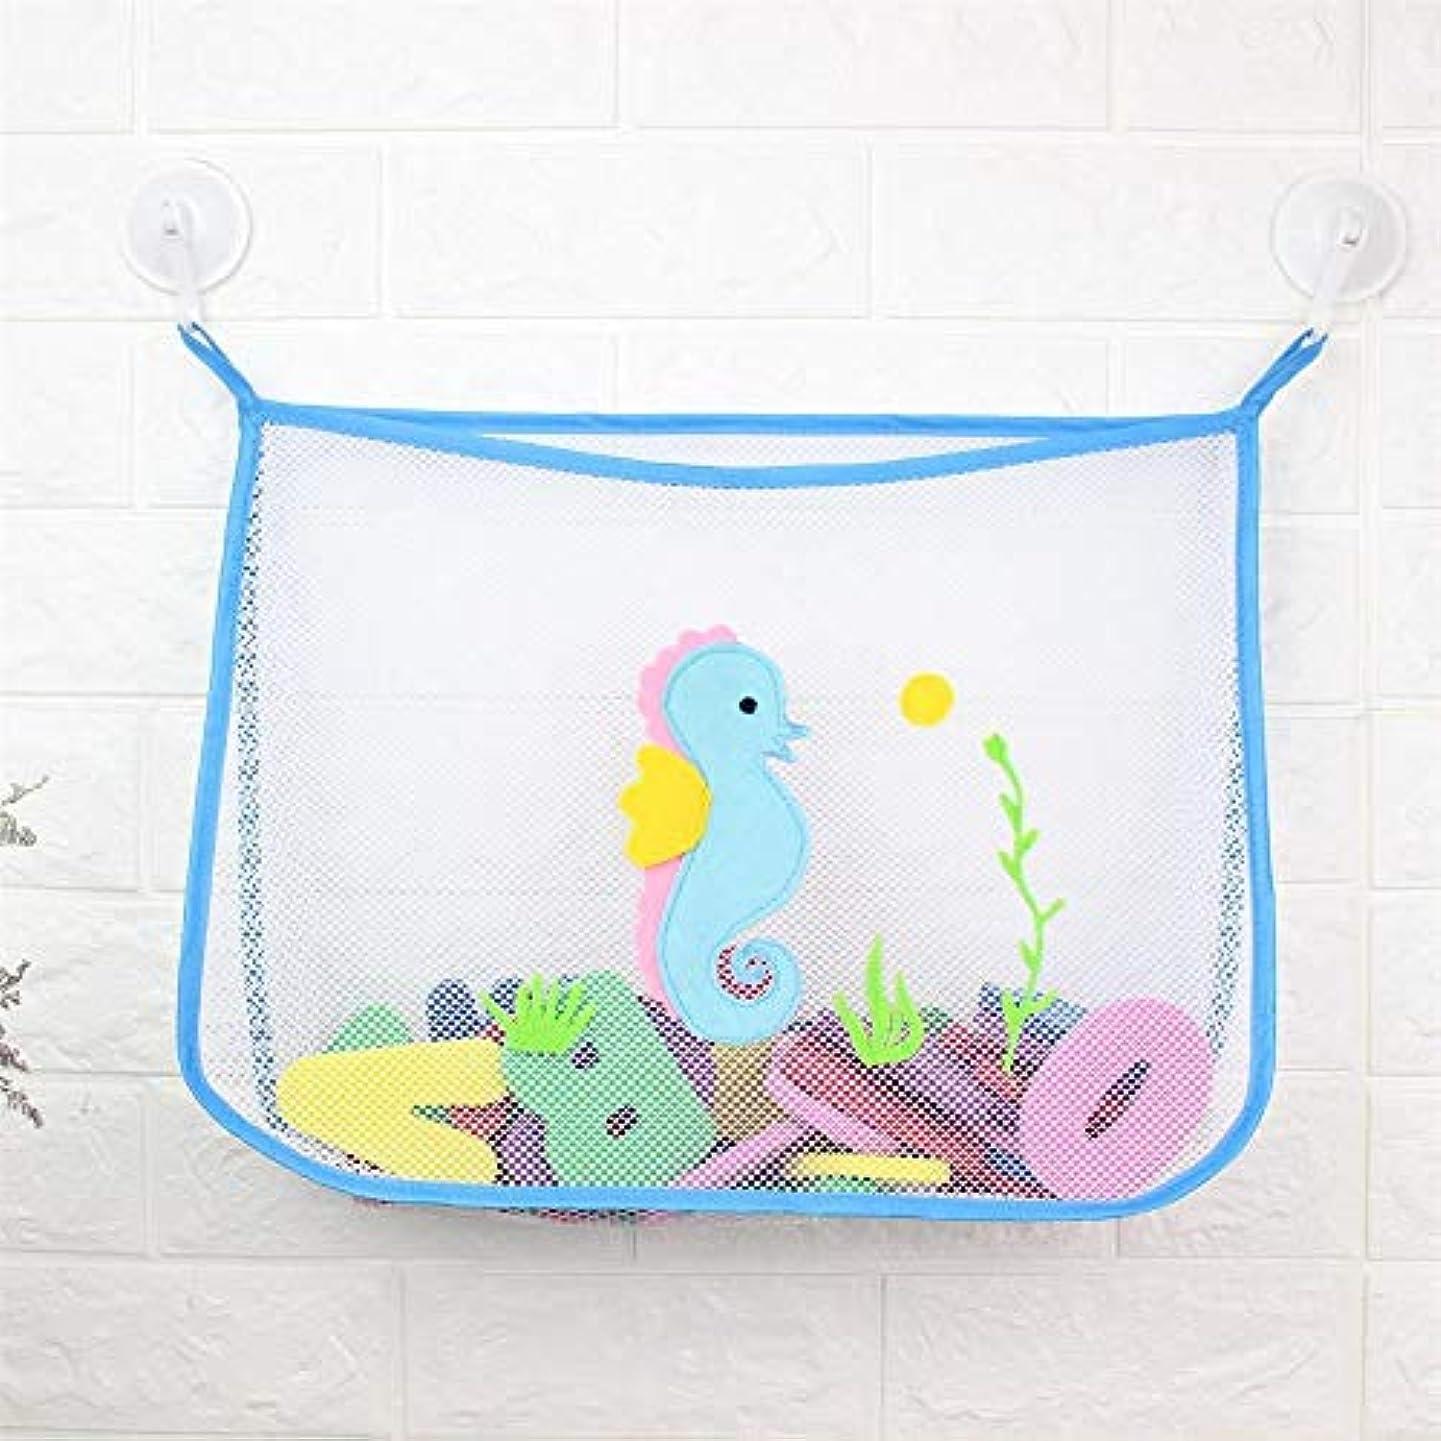 借りる気候ジョージスティーブンソンベビーシャワー風呂のおもちゃ小さなアヒル小さなカエルの赤ちゃん子供のおもちゃ収納メッシュで強い吸盤玩具バッグネット浴室オーガナイザー (青)